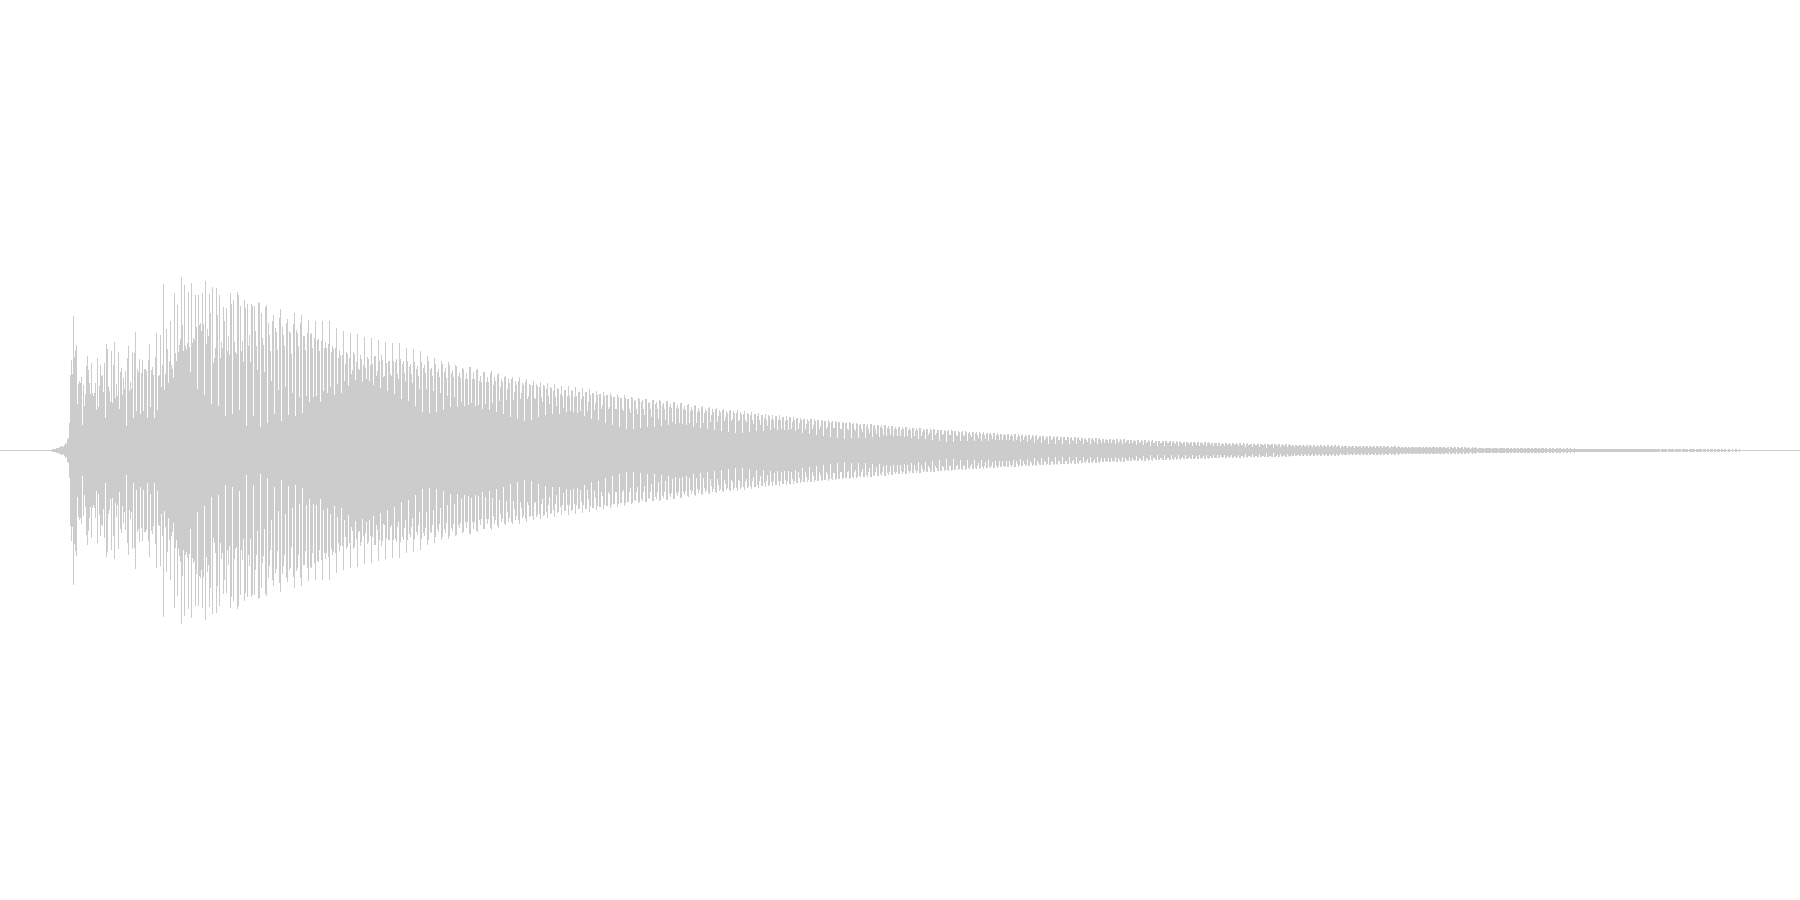 「コロンッ」スマホアプリのタッチ音想定。の未再生の波形